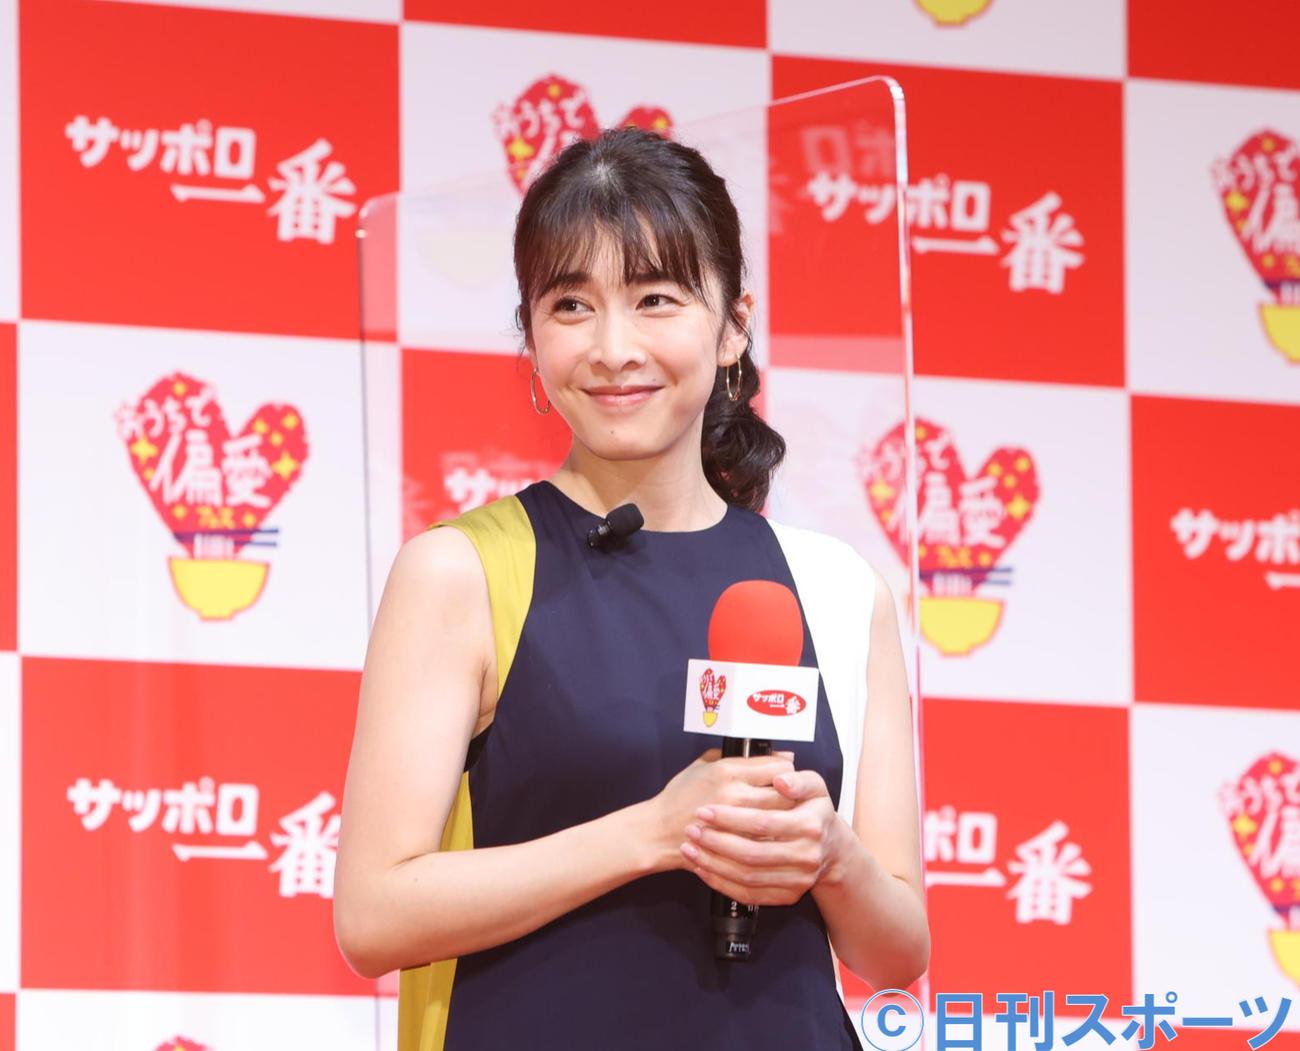 2020年9月1日、サッポロ一番「おうちで偏愛フェス」イベントで笑顔を見せる竹内結子さん